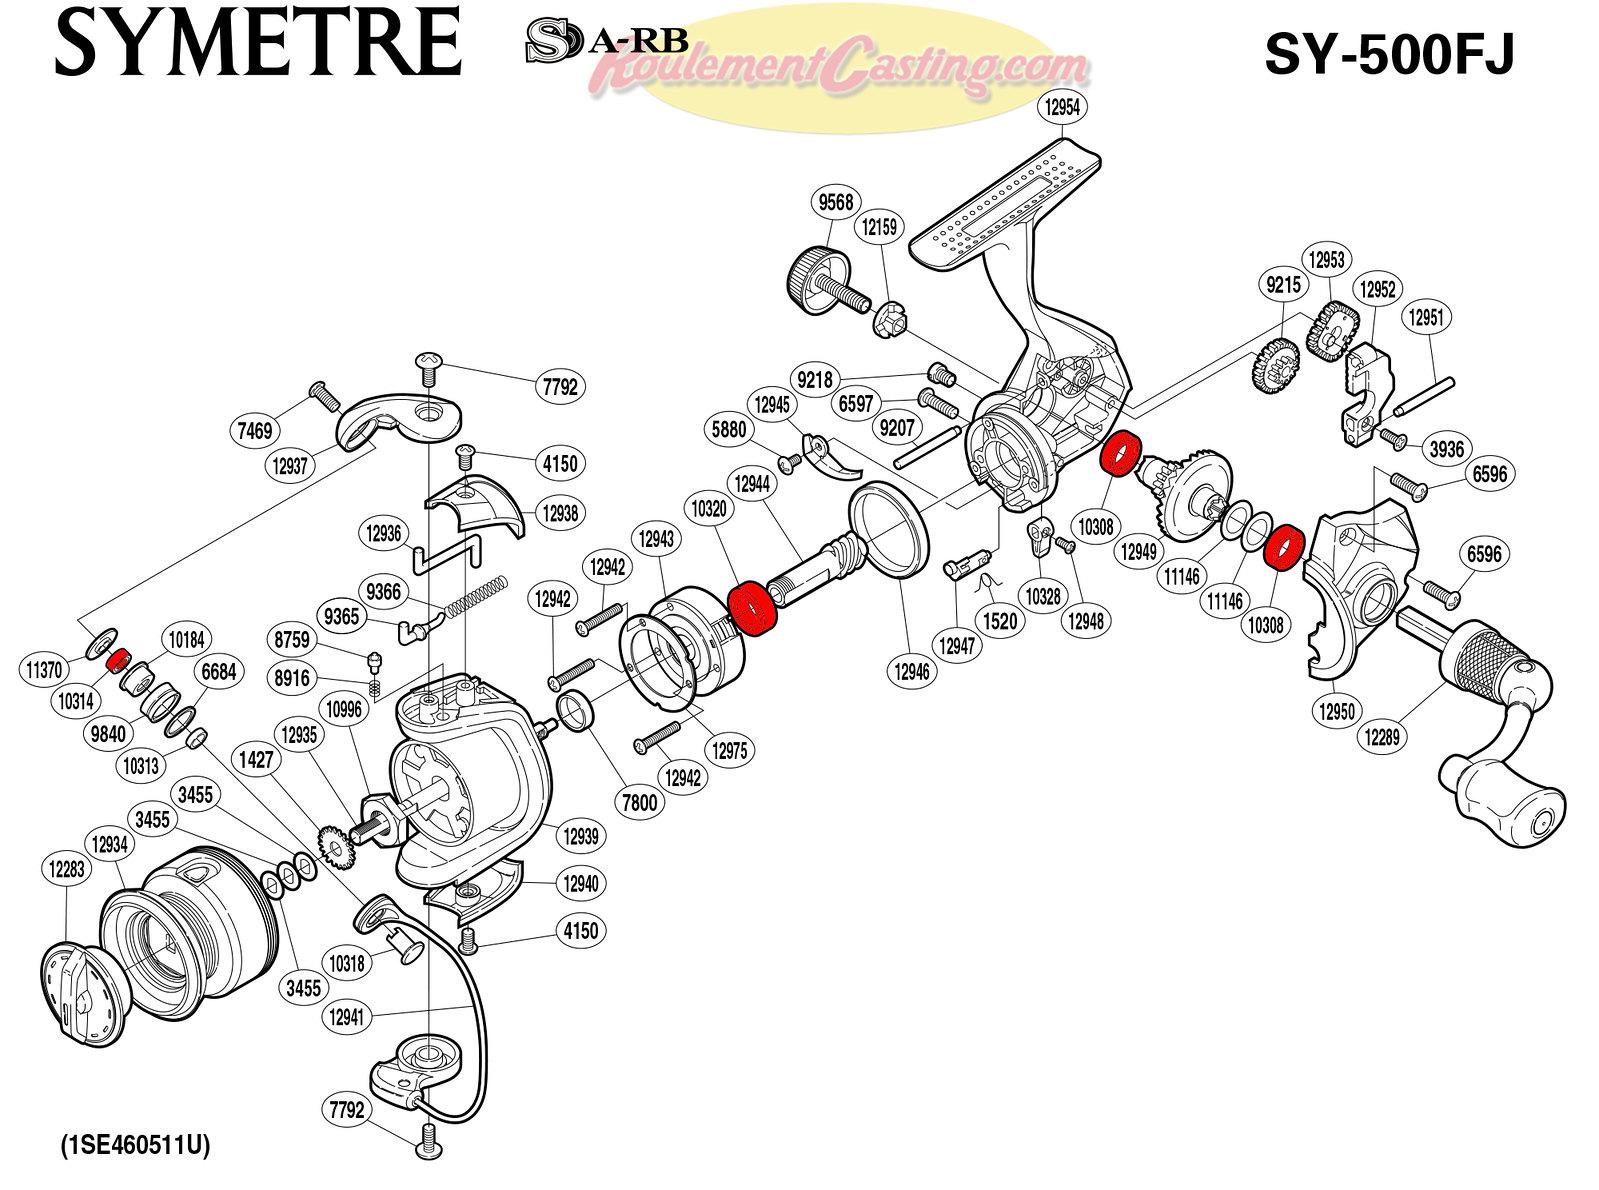 Schema-Symetre-500FJ